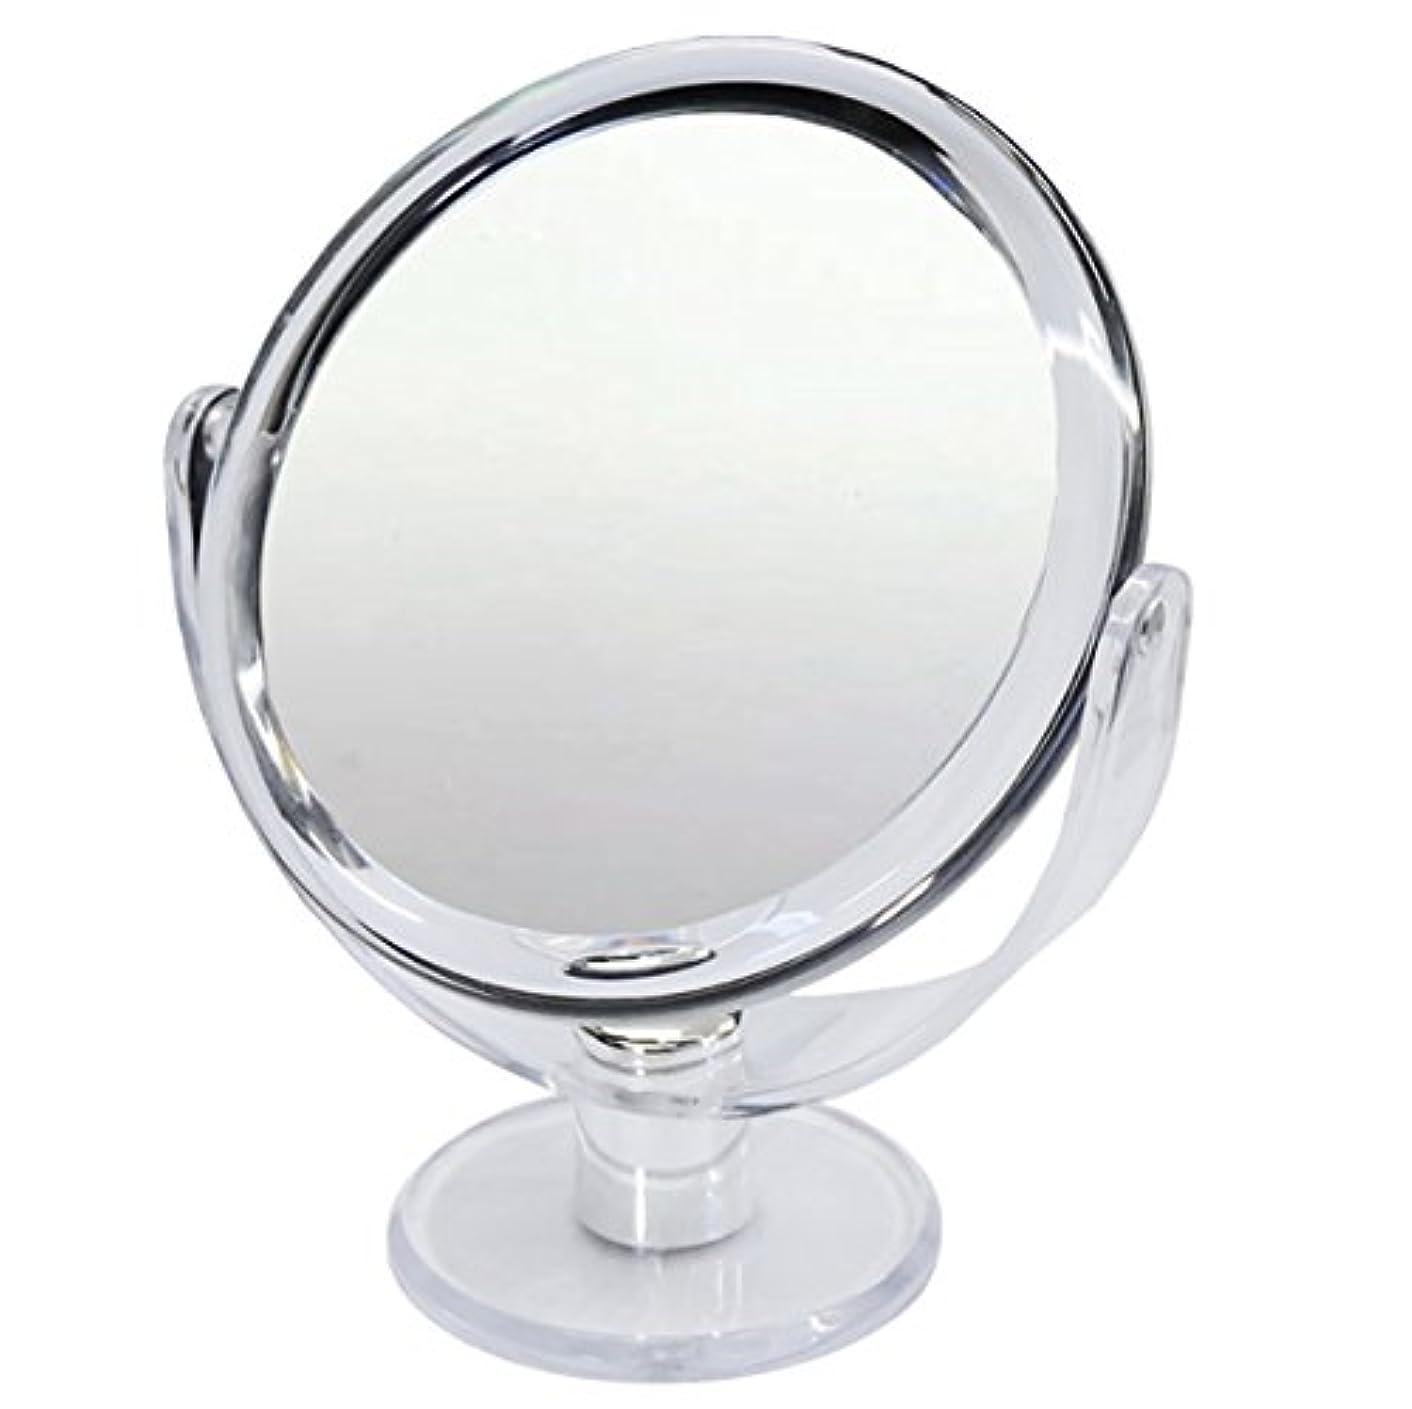 巻き戻すフラップ完全に乾く10倍 拡大鏡 スタンドミラー 等倍鏡と10倍鏡の両面鏡